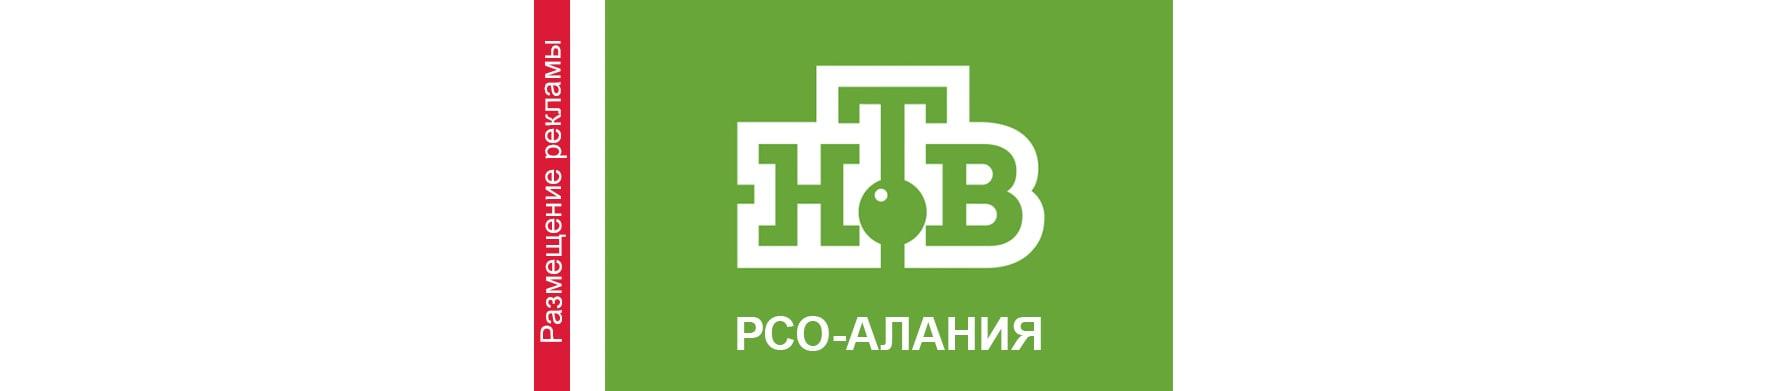 Реклама на телевидении в РСО-Алания НТВ